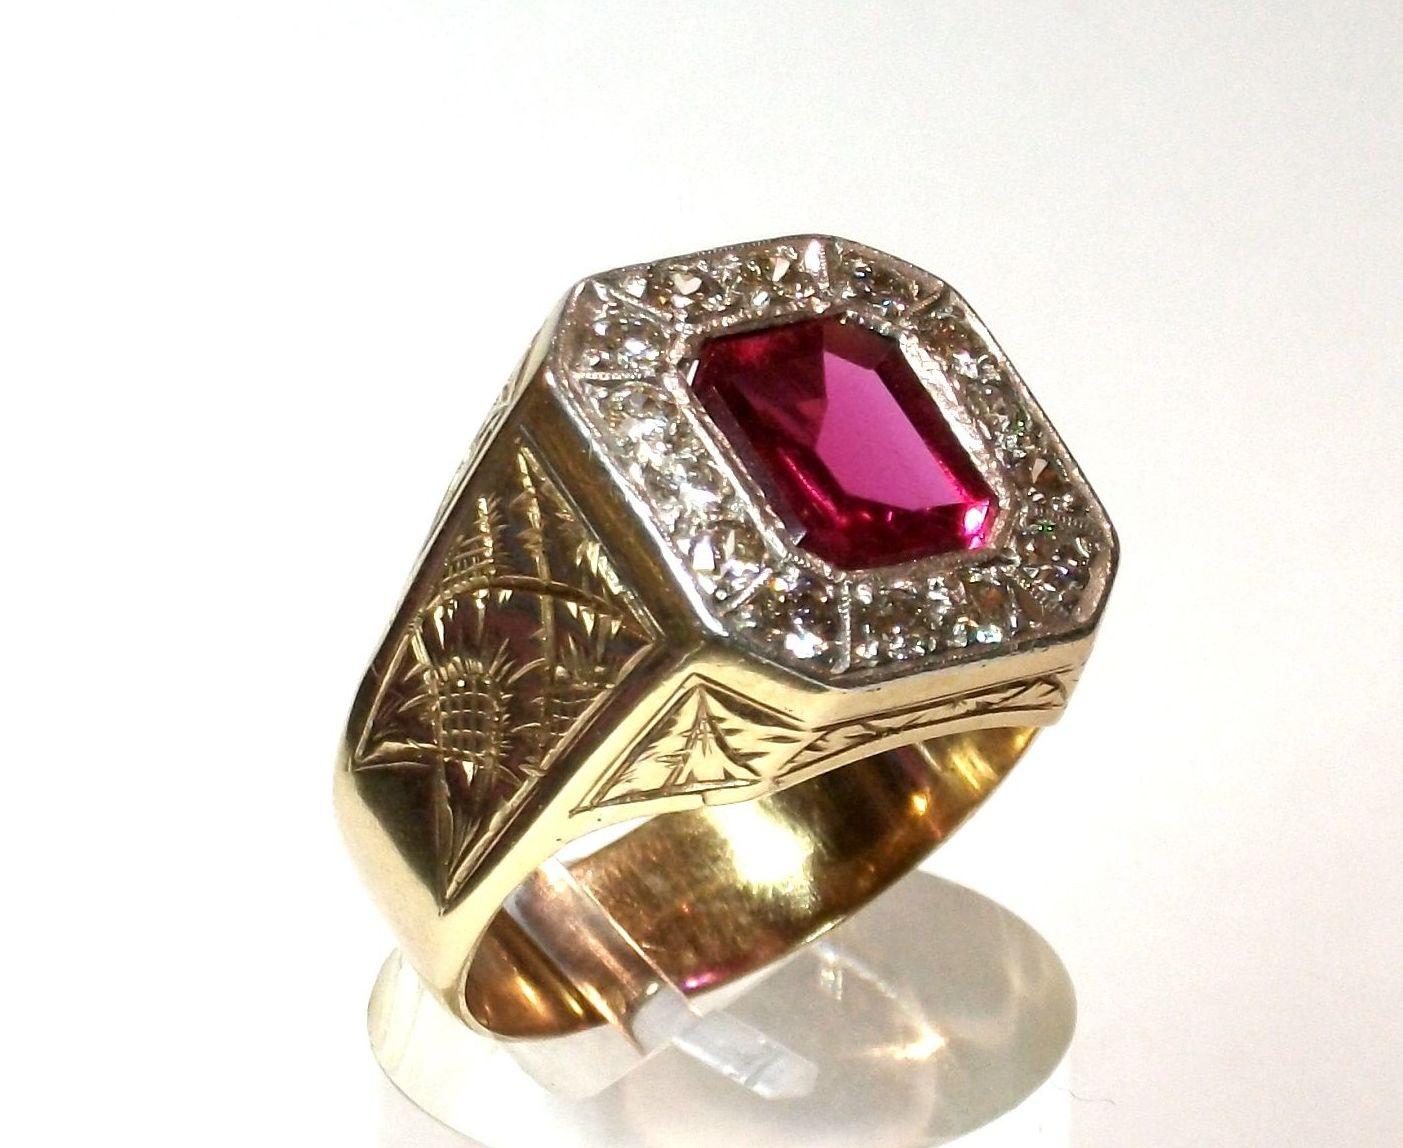 Sortija de caballero realizada en oro de 18k con orla de diamantes y vidrio rojo. Circa: 1950-1960.